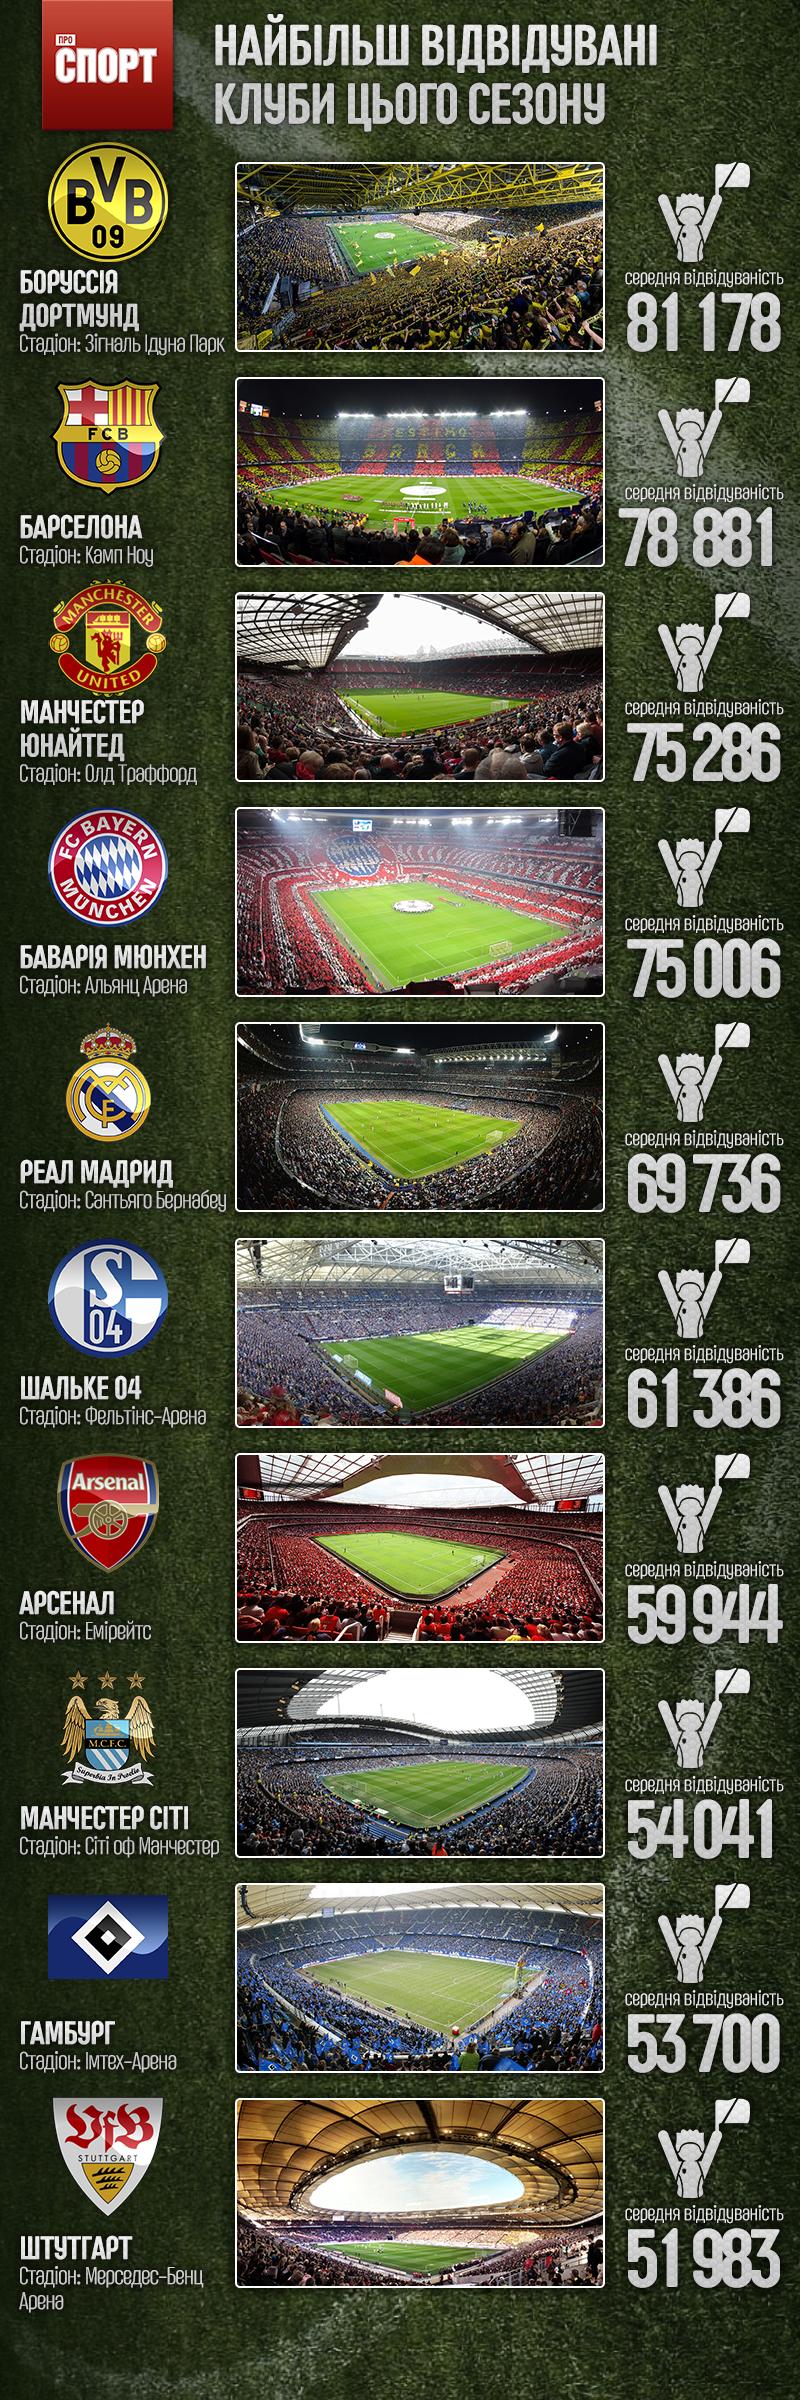 Найбільш відвідувані команди сезону